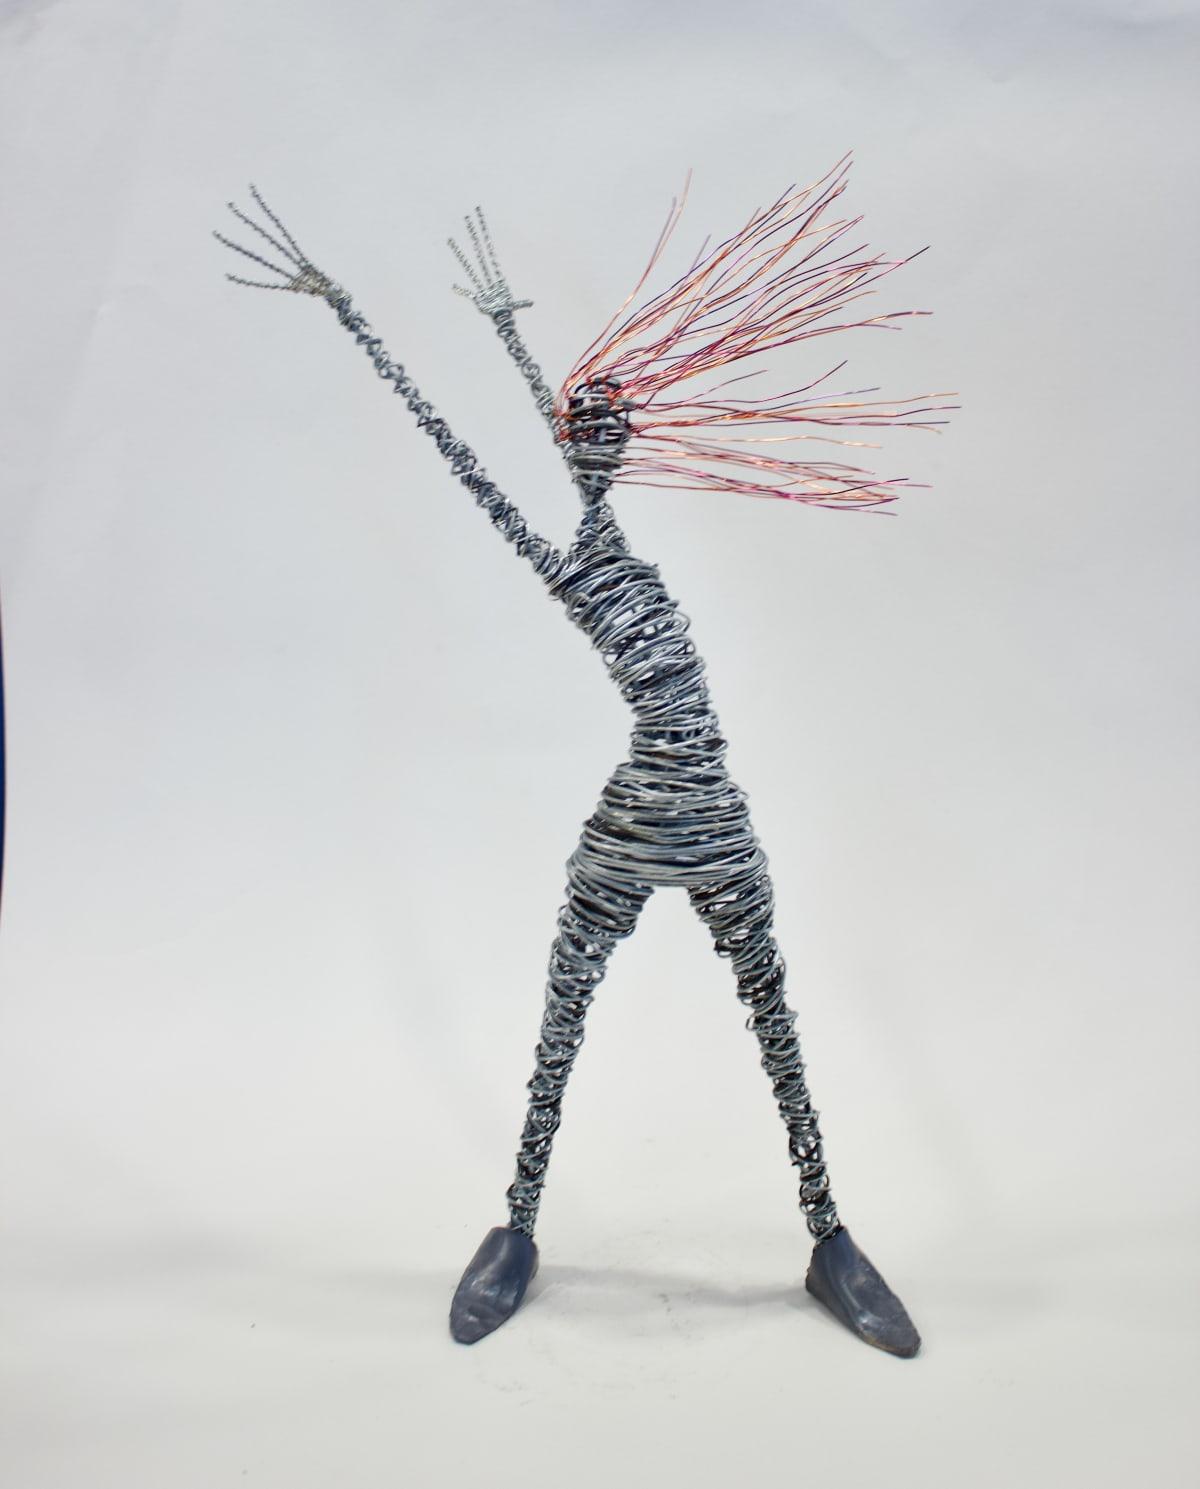 Rachel Ducker Arms Up, 2019 Wire Sculpture 45 x 26 x 16 cm 17 3/4 x 10 1/4 x 6 1/4 in